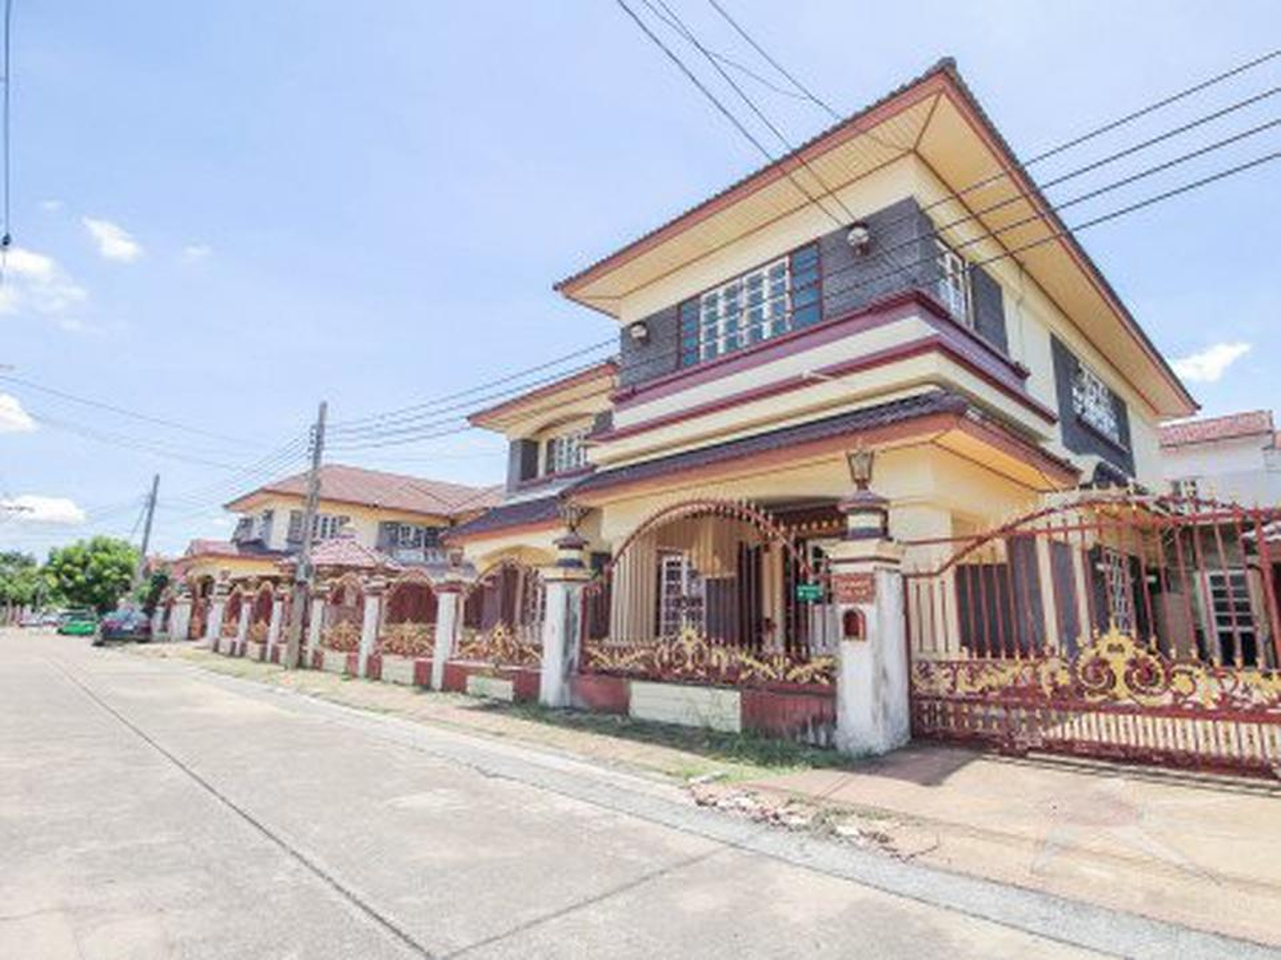 ขาย บ้านเดี่ยว นันทวัน คู้บอน  346 ตร.วา นันทวัน คู้บอน รูปที่ 4